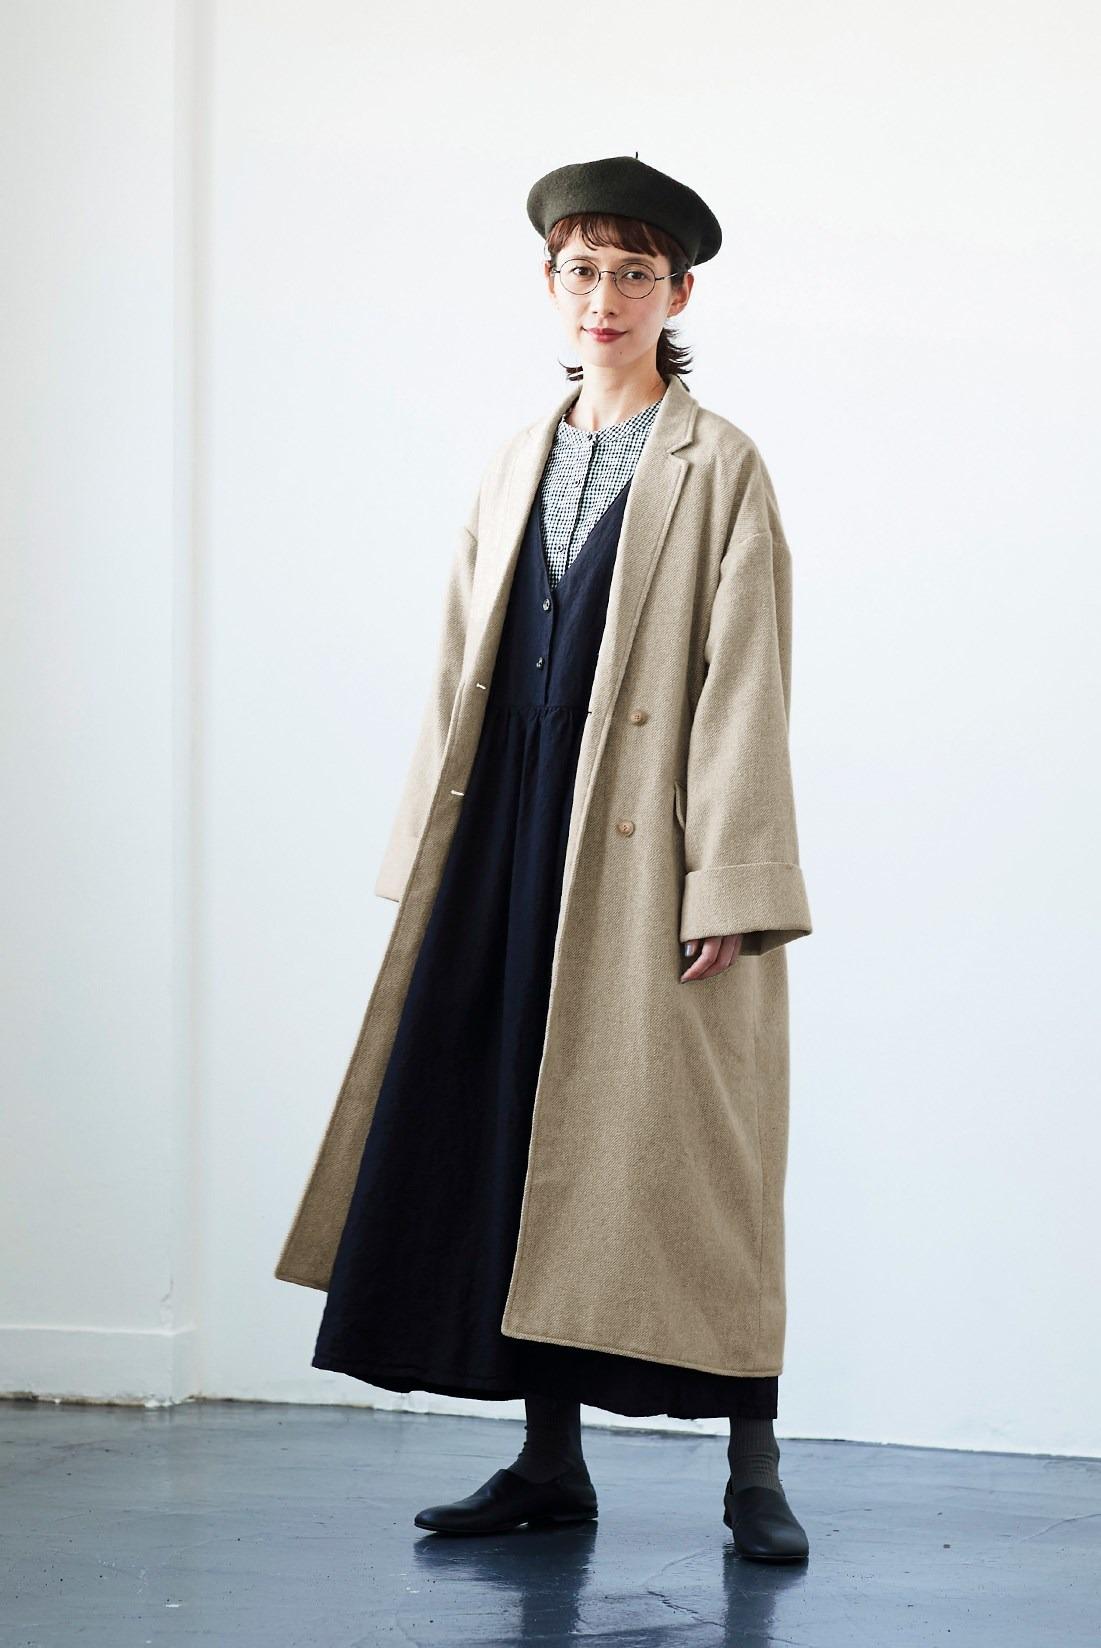 コートを羽織れば雰囲気が変わる冬のナチュラルコーデ